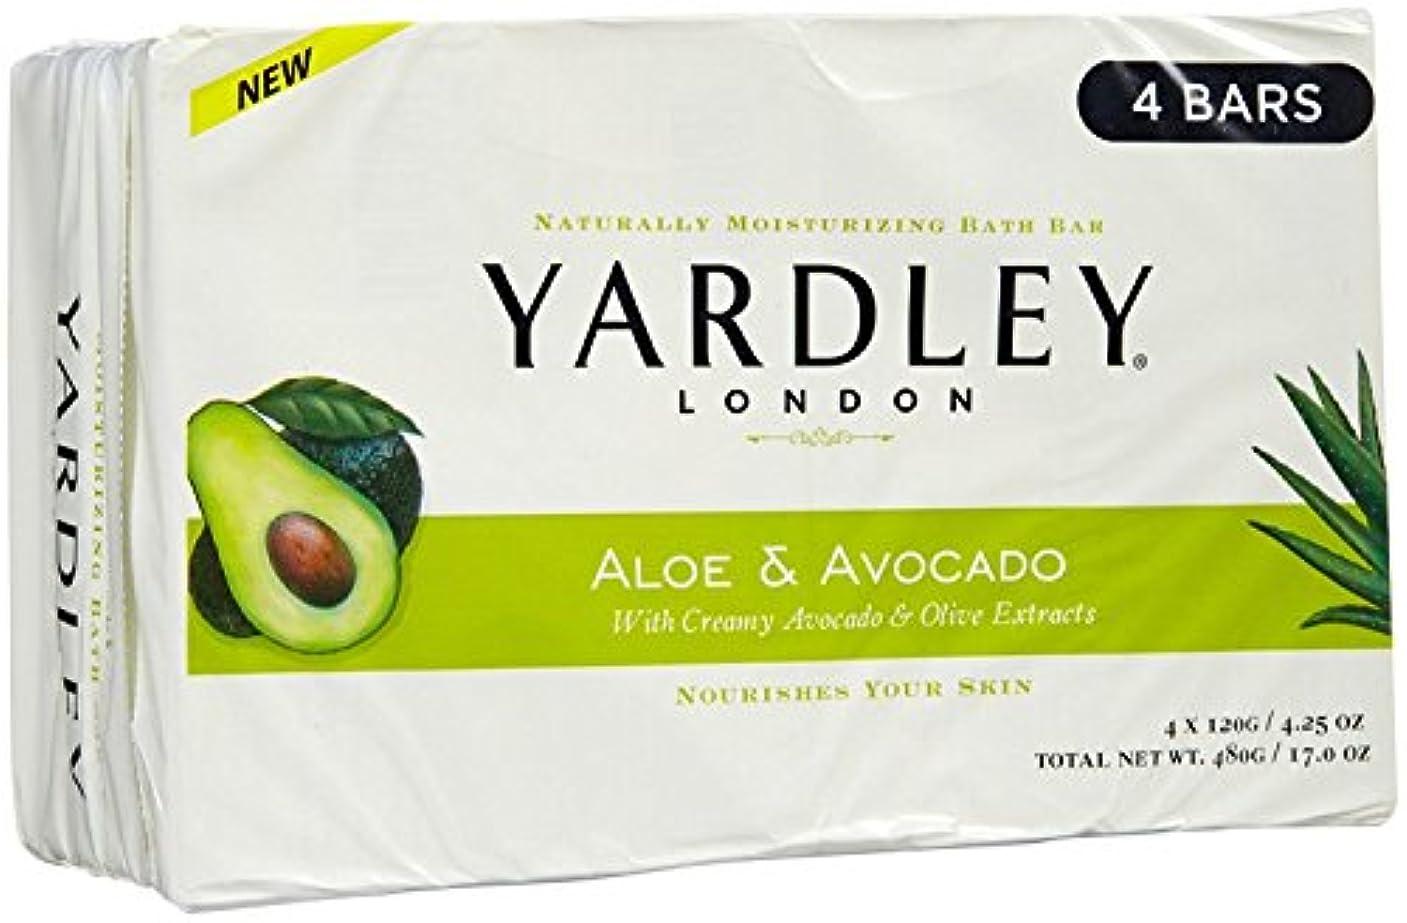 バリケード有効化千Yardley ロンドンアロエアボカド当然のことながら保湿入浴バー4.25オズ(4パック)